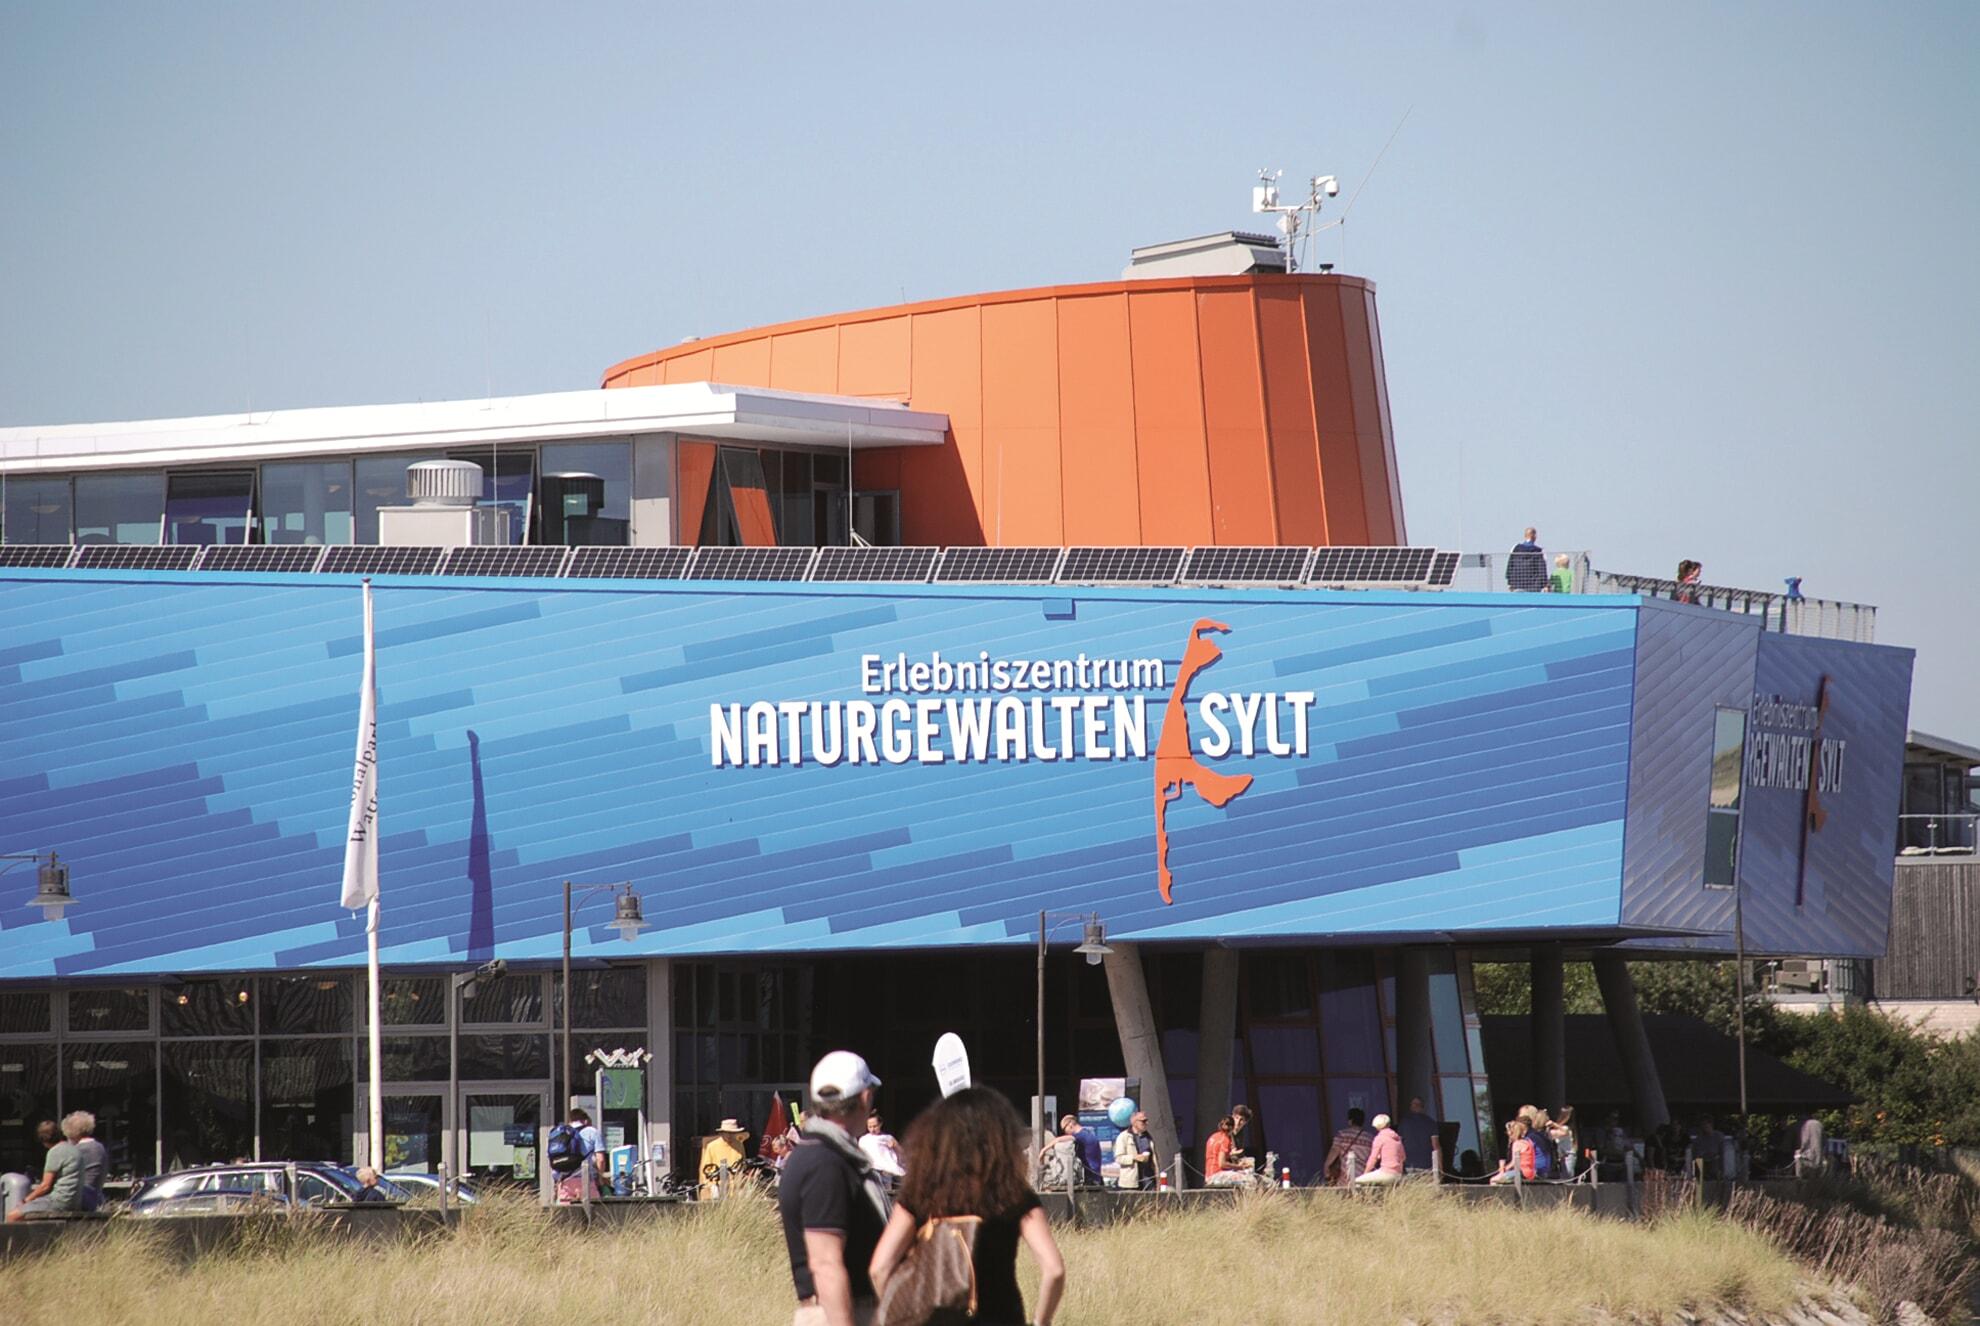 Erlebniszentrum Naturgewalten